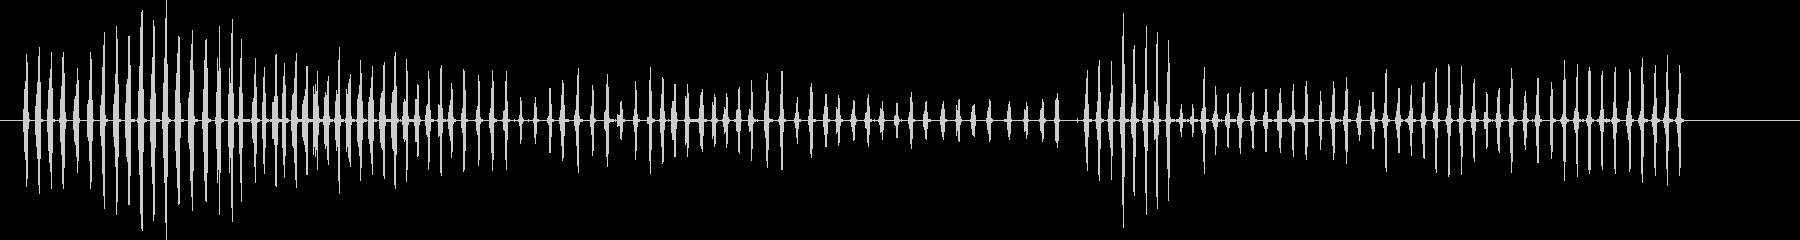 リス、カイバブチャープ。バックグラ...の未再生の波形